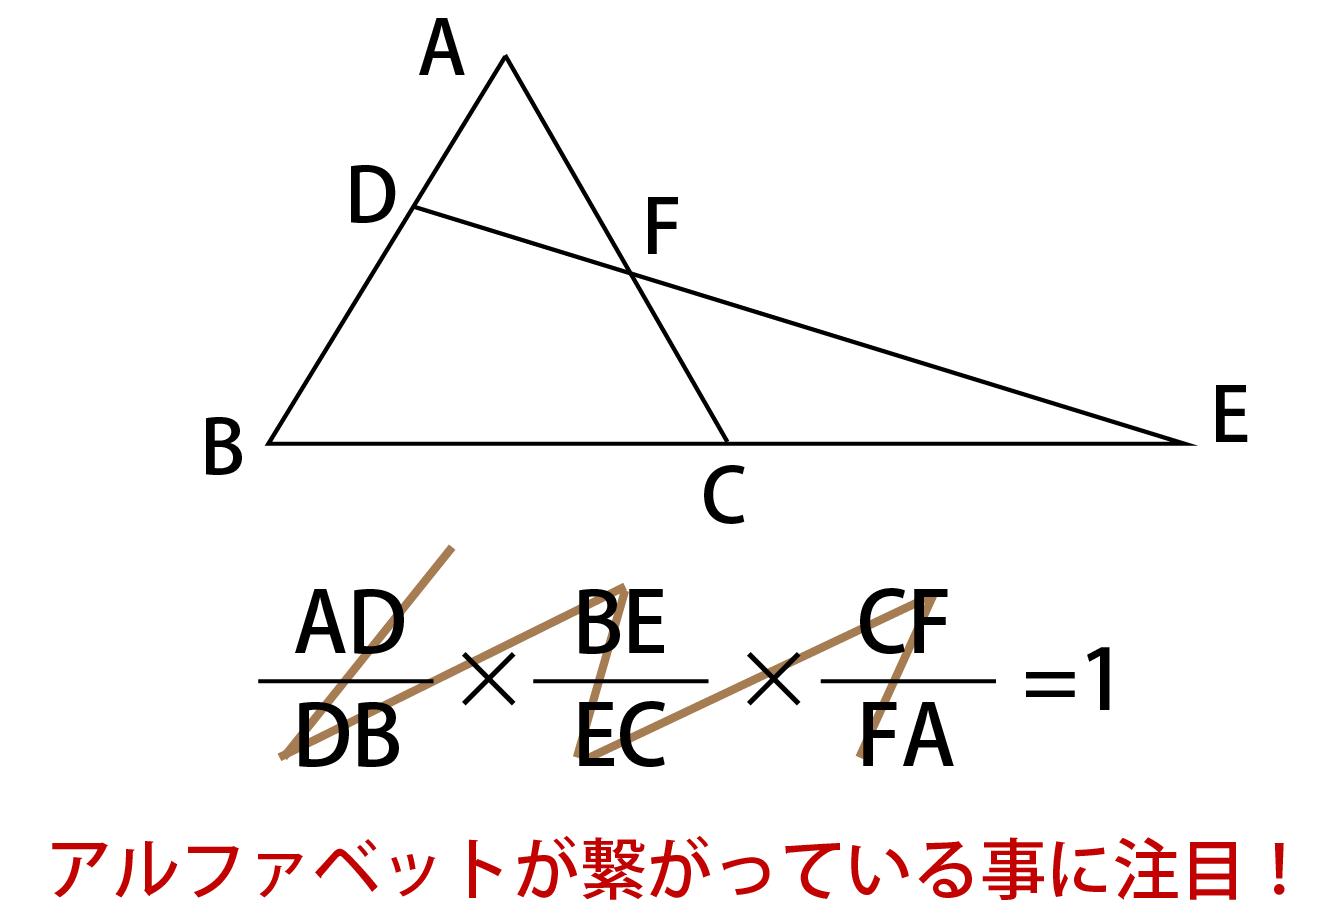 メネラウスの定理の覚え方解説画像